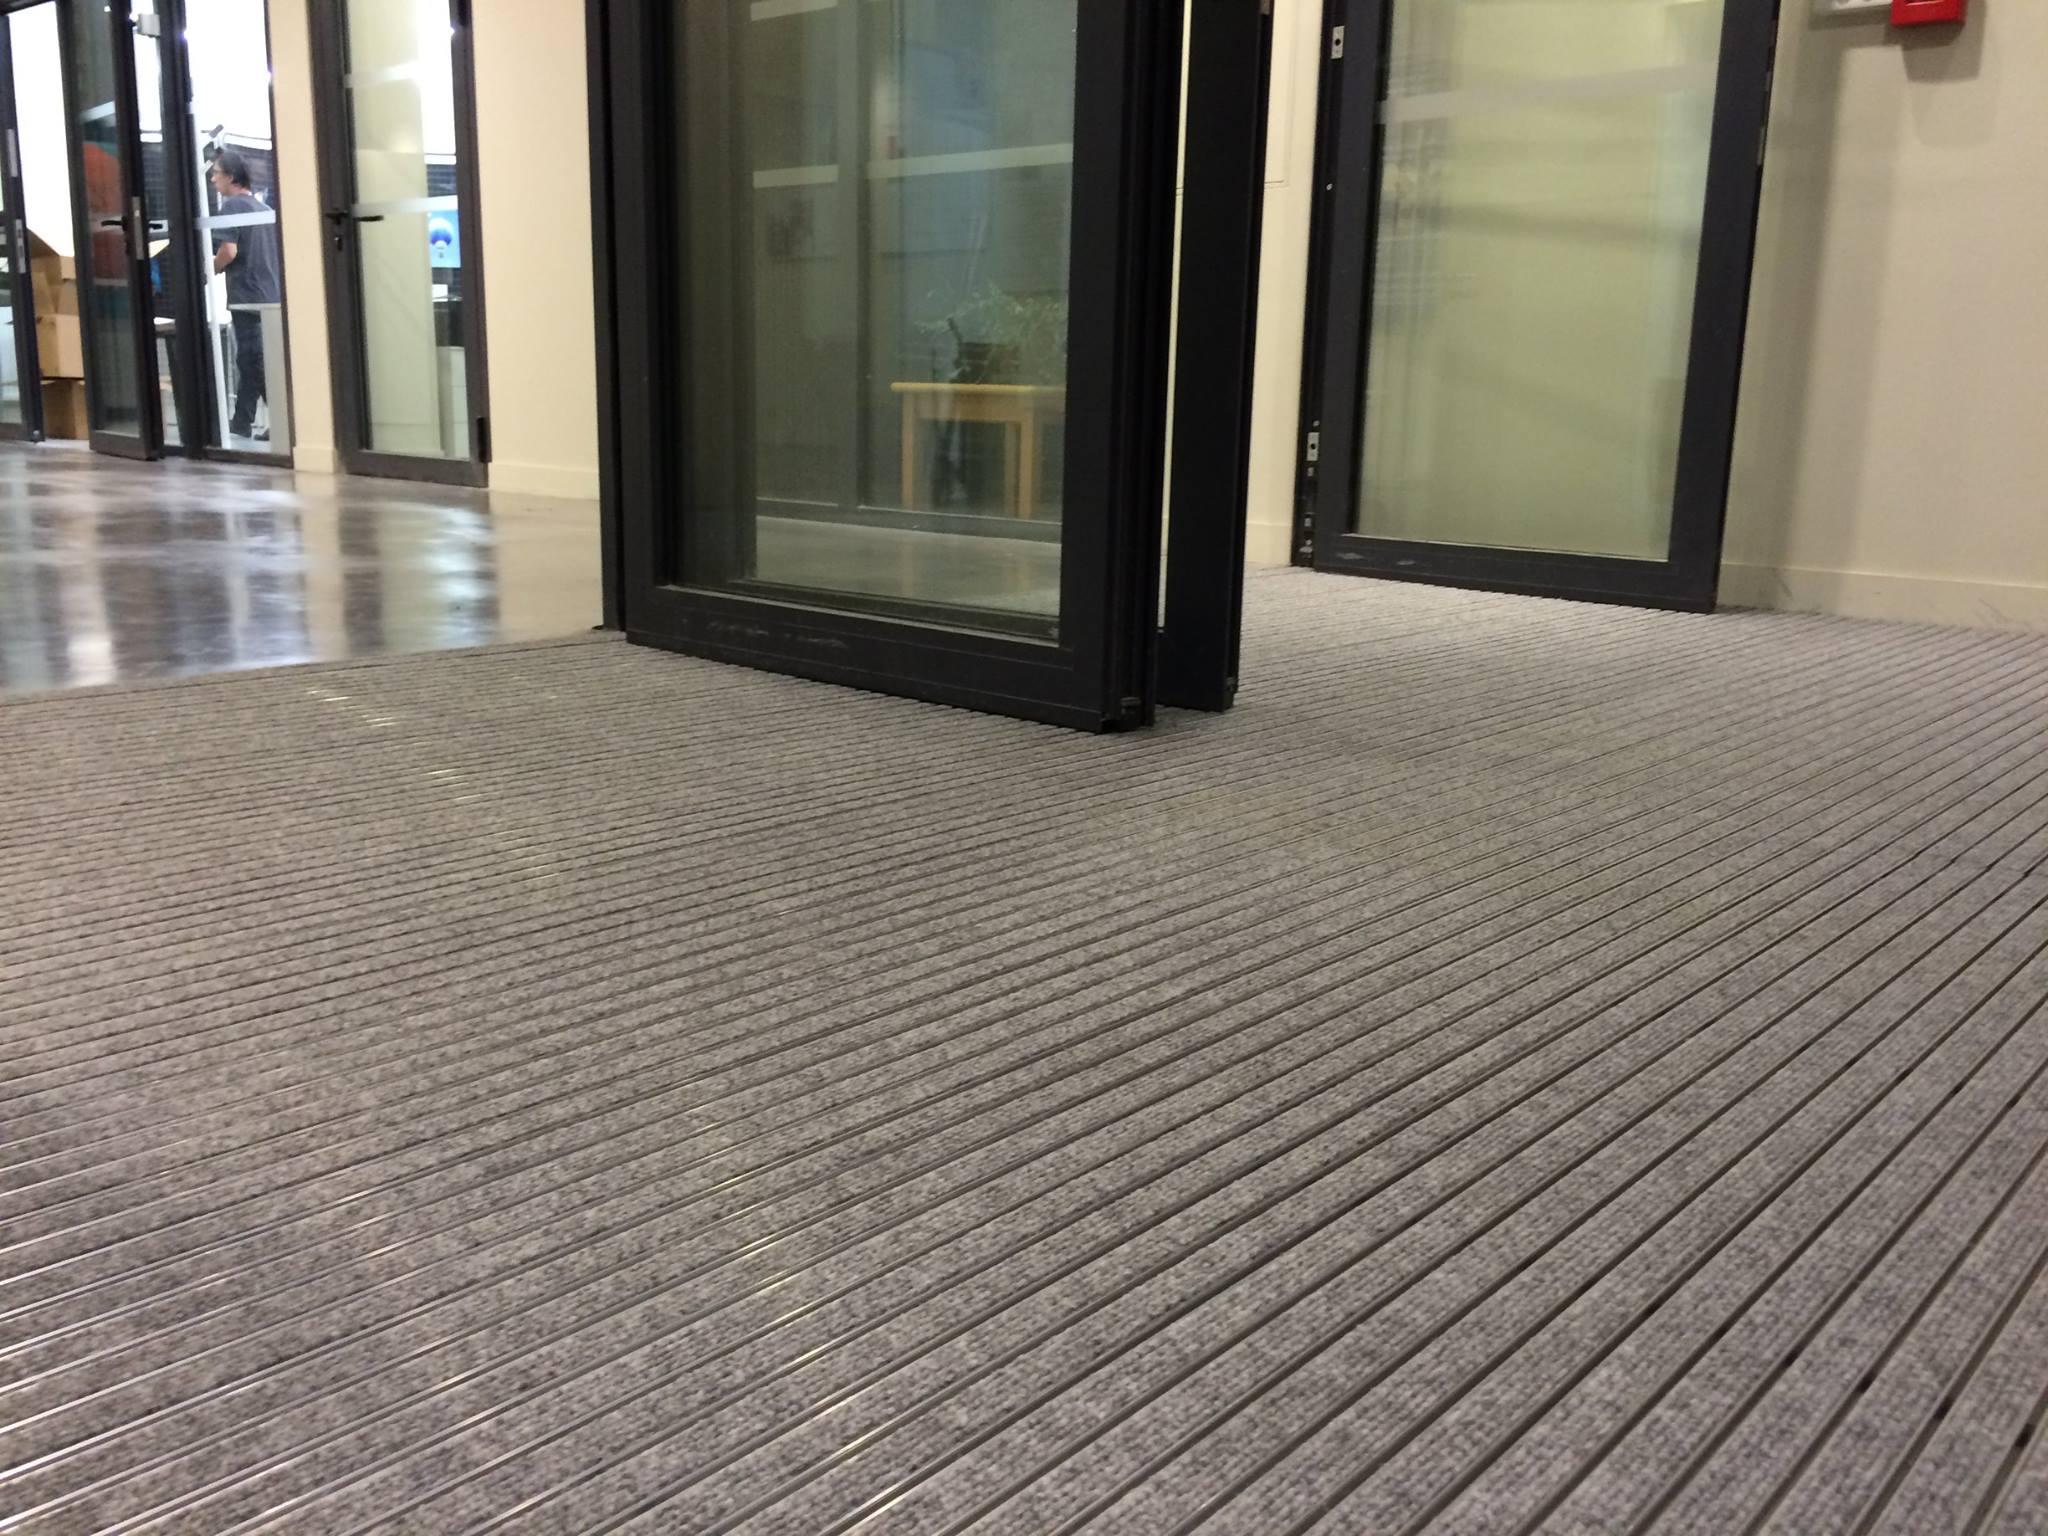 tapis d entr e encastrer caract ristiques avantages et crit res de choix tapis sur mesure. Black Bedroom Furniture Sets. Home Design Ideas